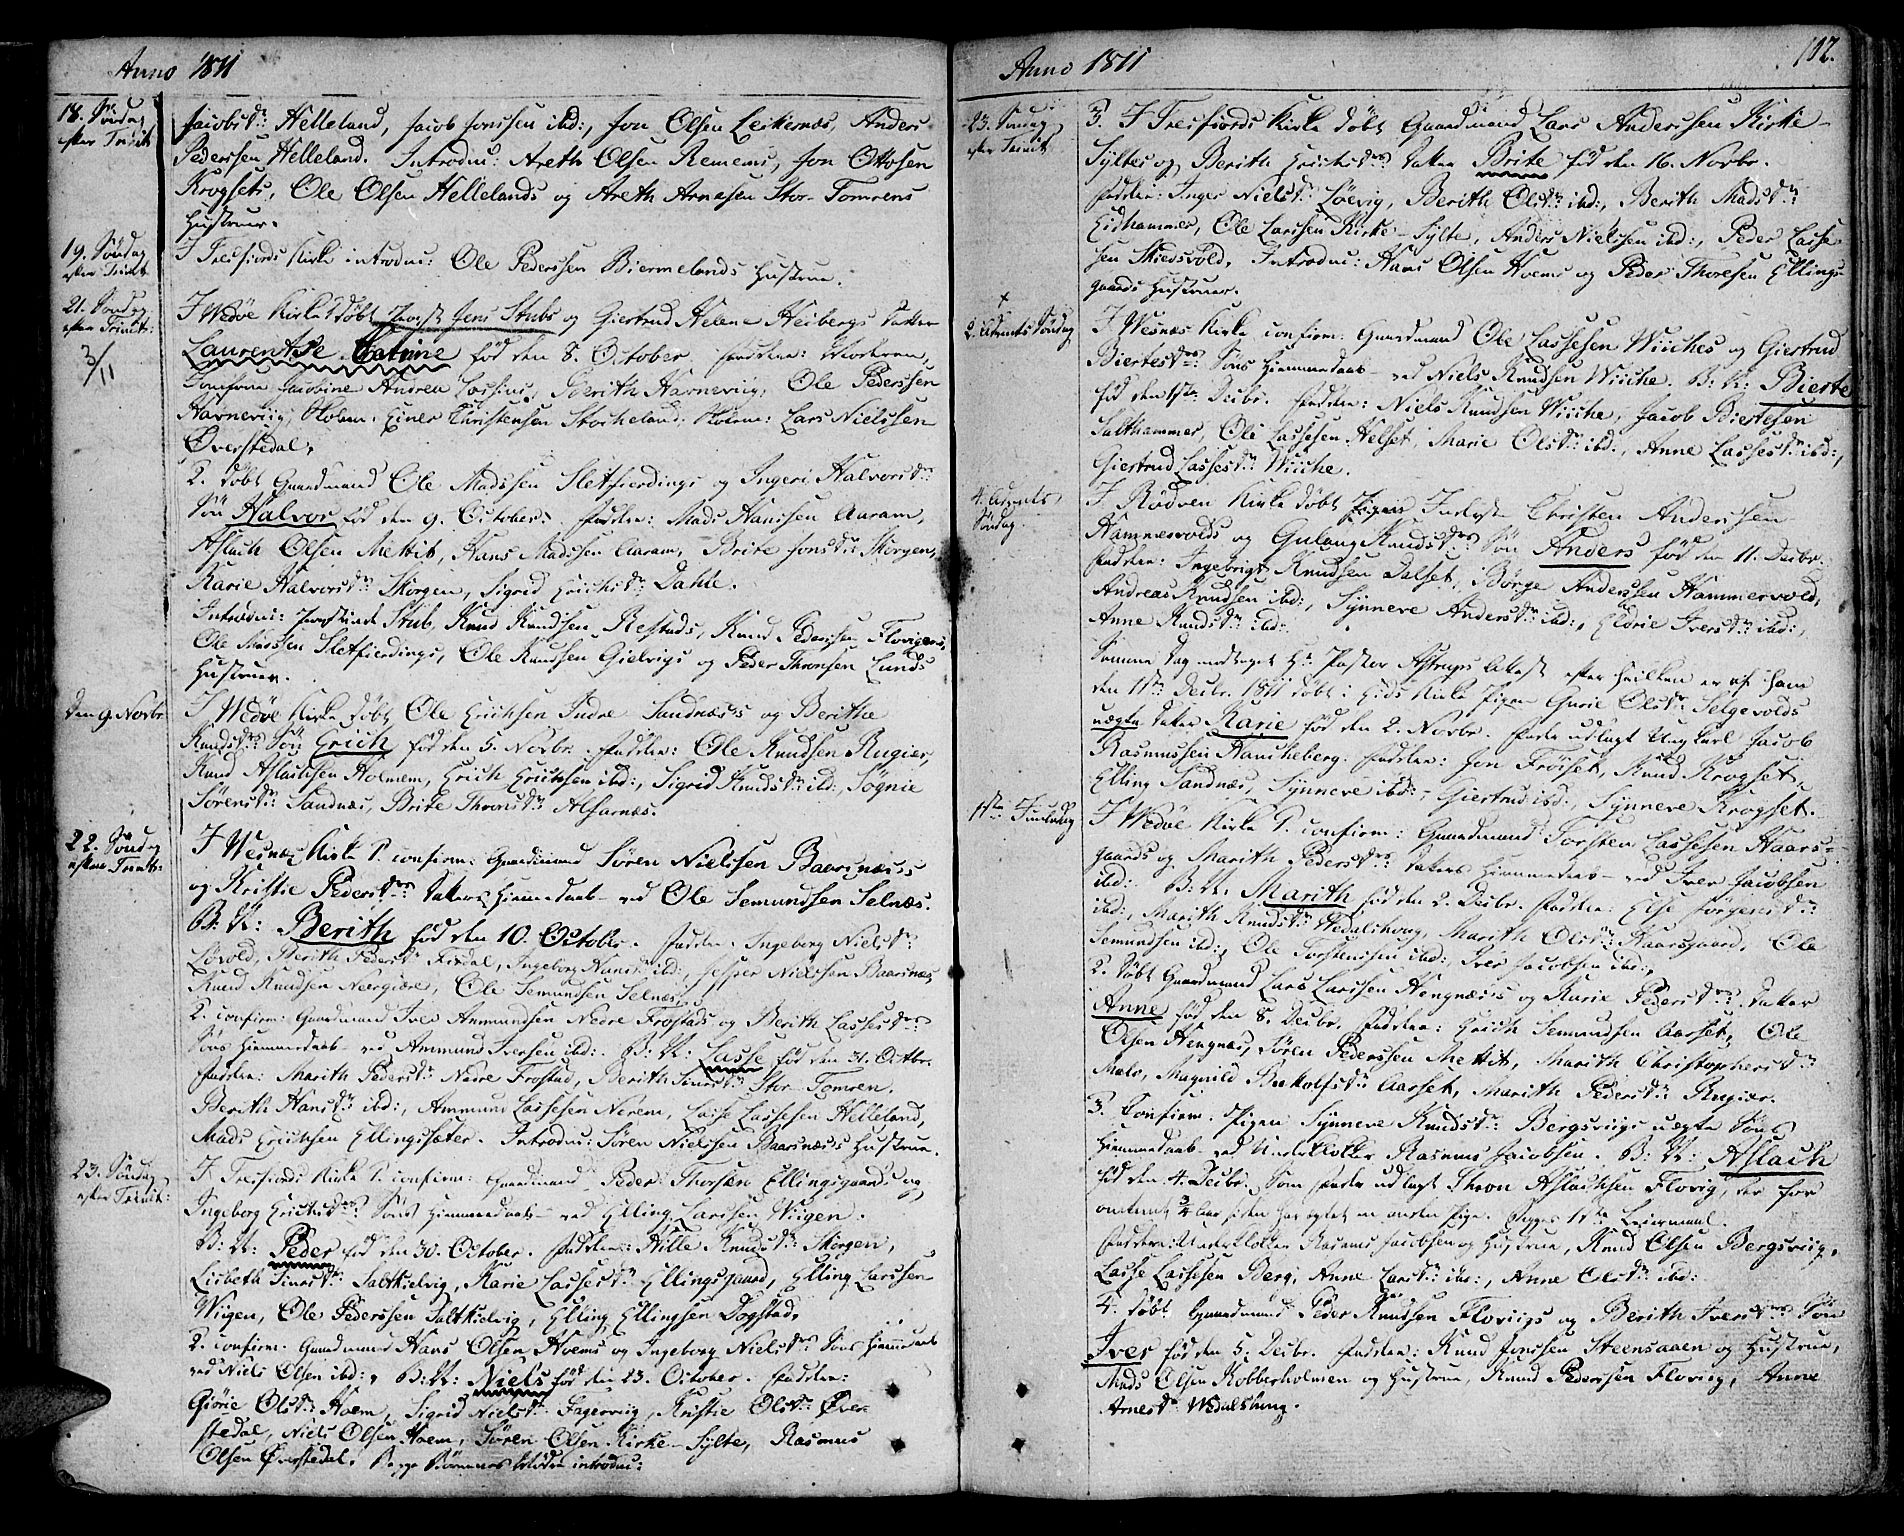 SAT, Ministerialprotokoller, klokkerbøker og fødselsregistre - Møre og Romsdal, 547/L0601: Ministerialbok nr. 547A03, 1799-1818, s. 102